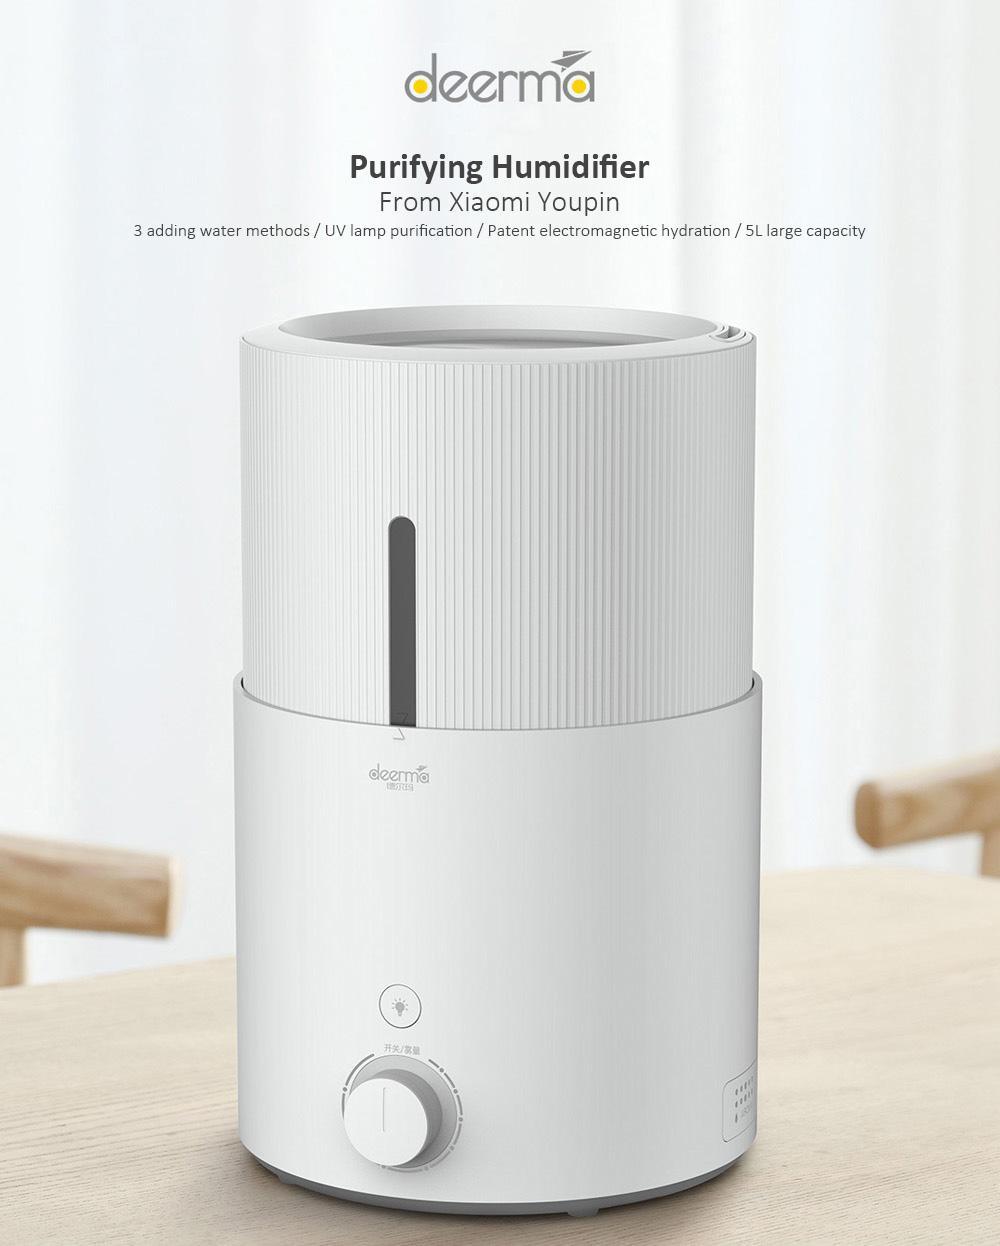 Deerma DEM - SJS600 5L Large Capacity Purifying Humidifier from Xiaomi Youpin